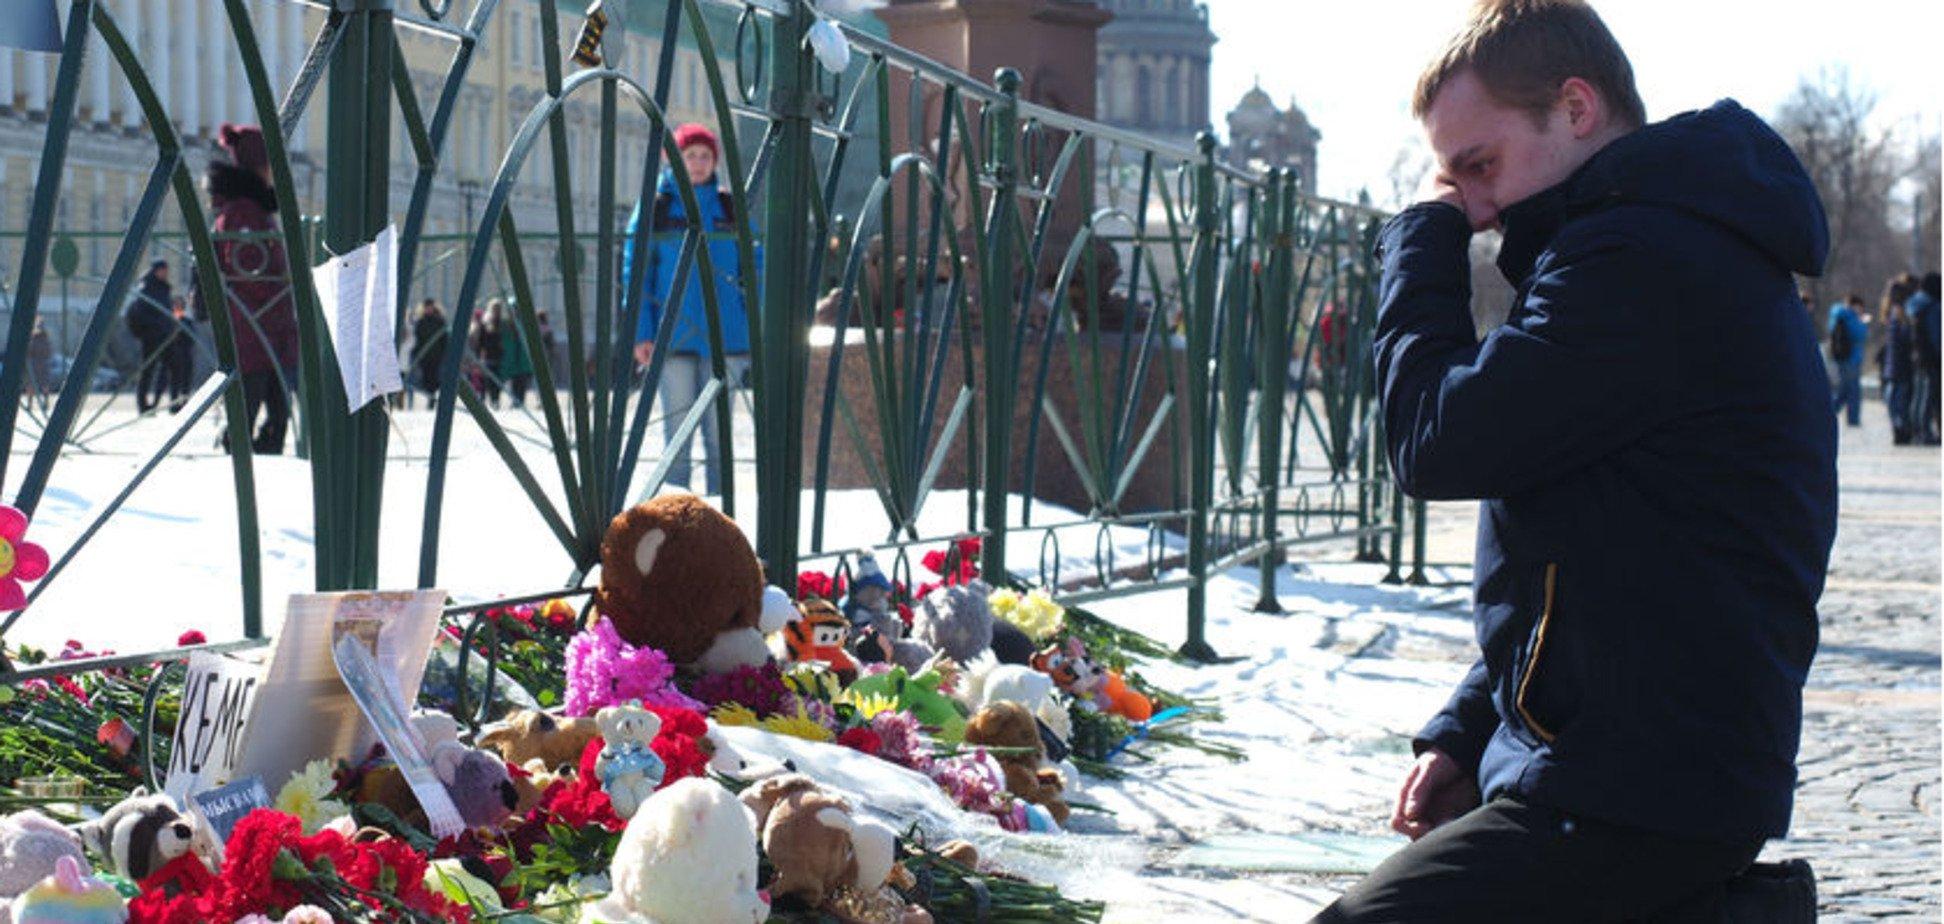 'Ти - криса!' У Кемерово прояснили ситуацію з цькуванням дитини